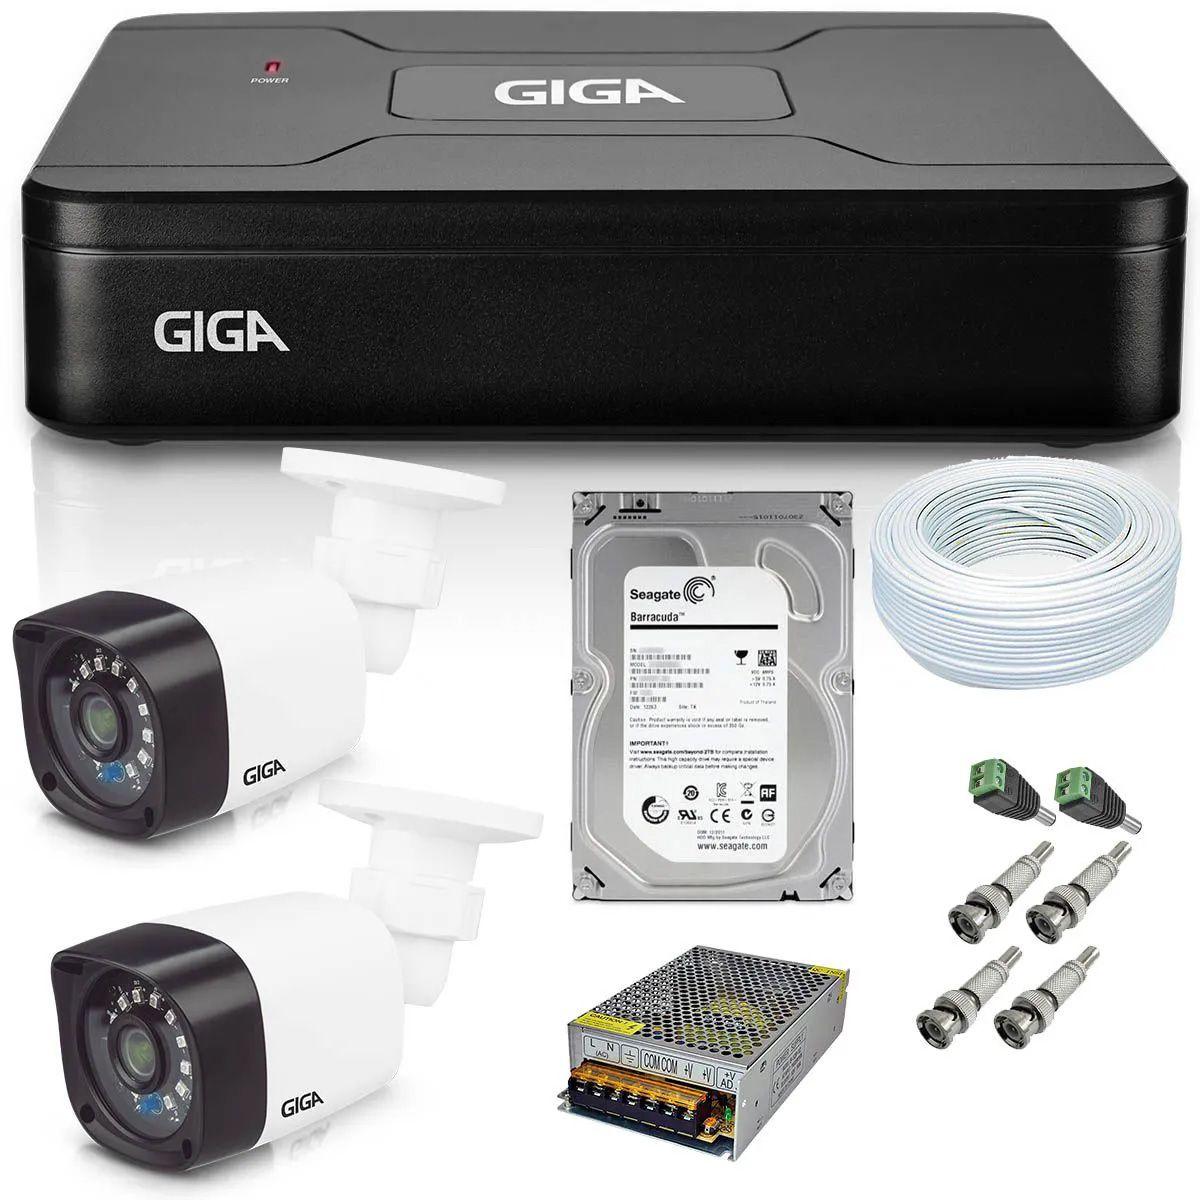 Kit CFTV 2 Câmeras Giga HD 720P + Dvr Open HD Lite 720P 4 Canais GS0082 + HD 500GB Seagate + Acessórios